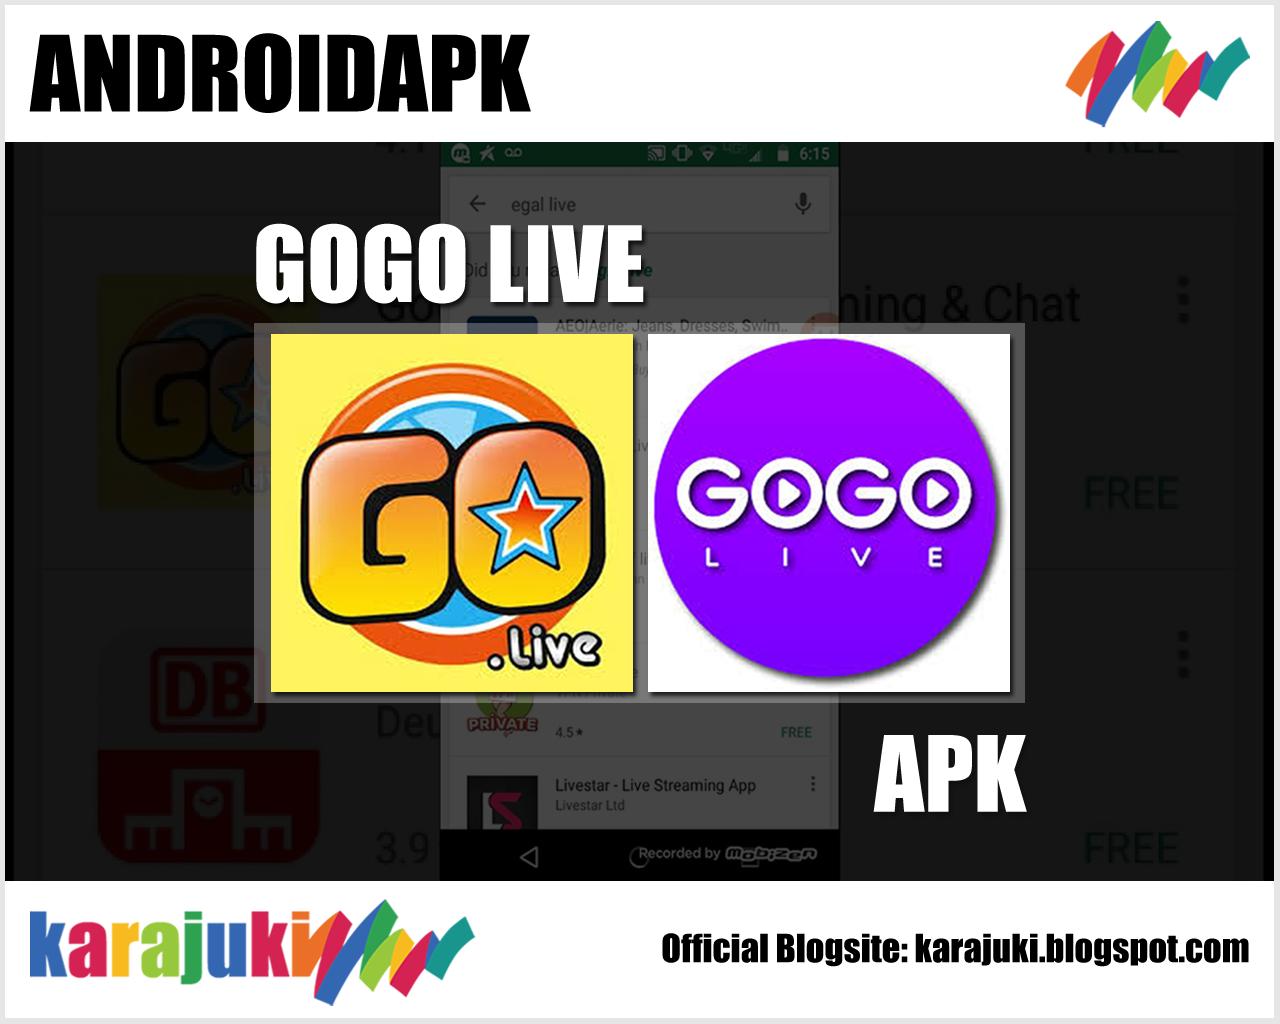 GOGO LIVE ~ ANDROIDAPK | APK TODAY | Google app store, Live